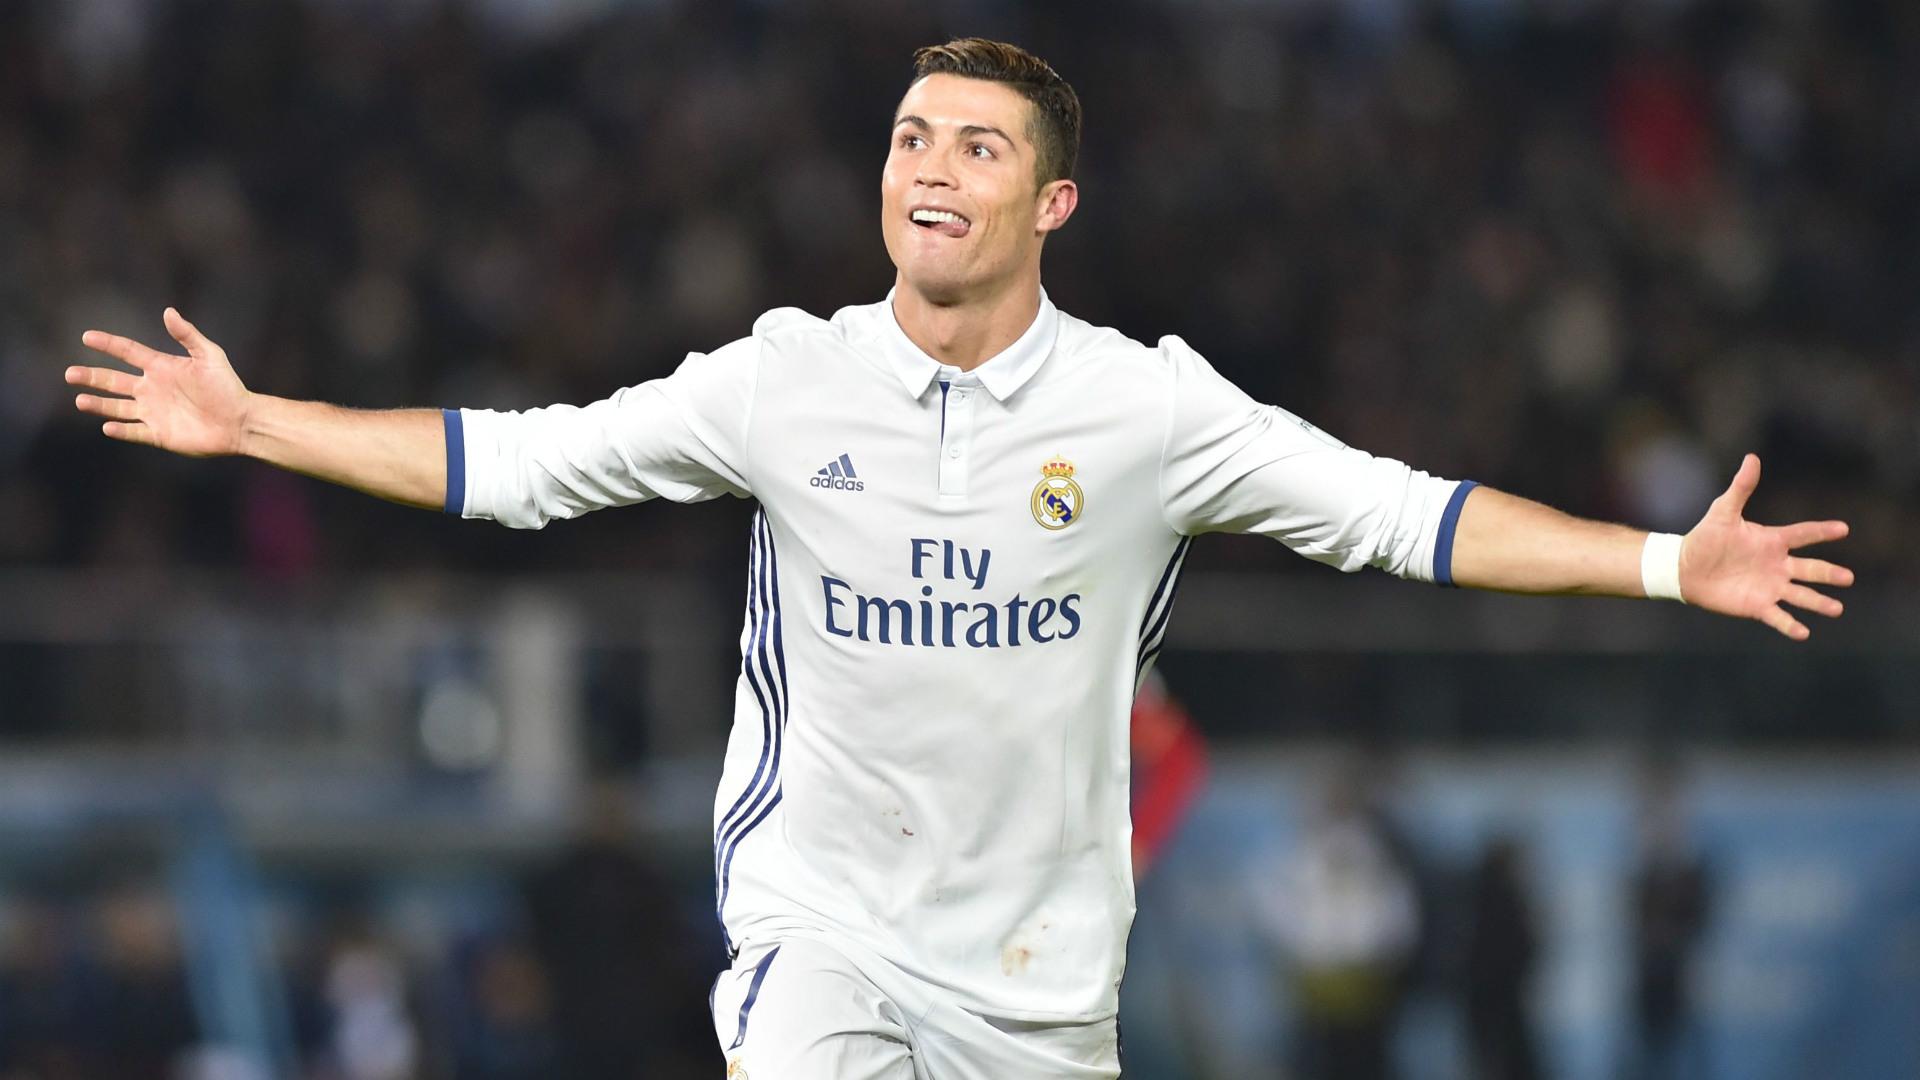 Роналду оставил почти €20 тыс. чаевых в греческом отеле